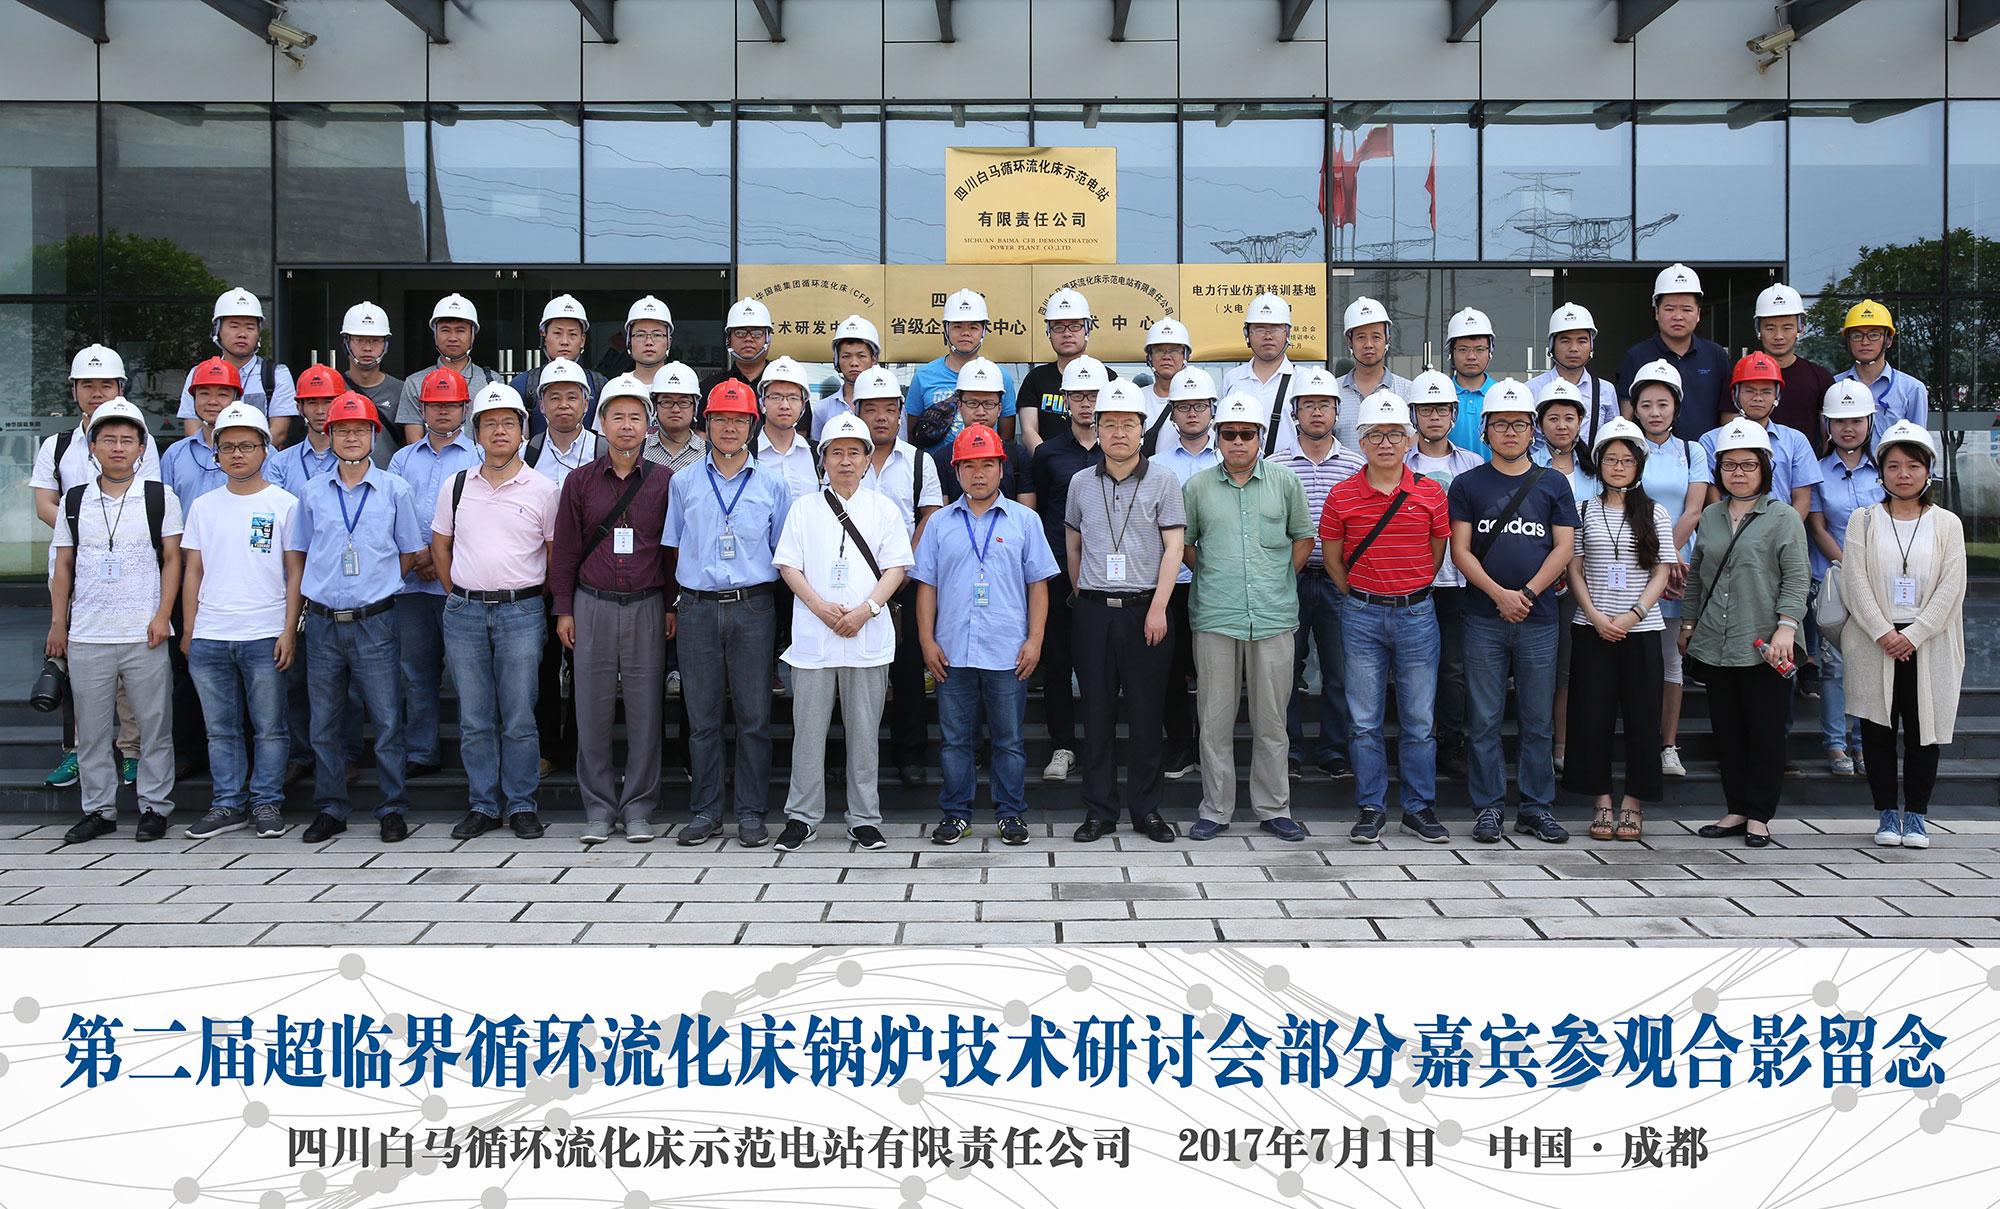 第二届超临界循环流化床锅炉技术研讨会纪要